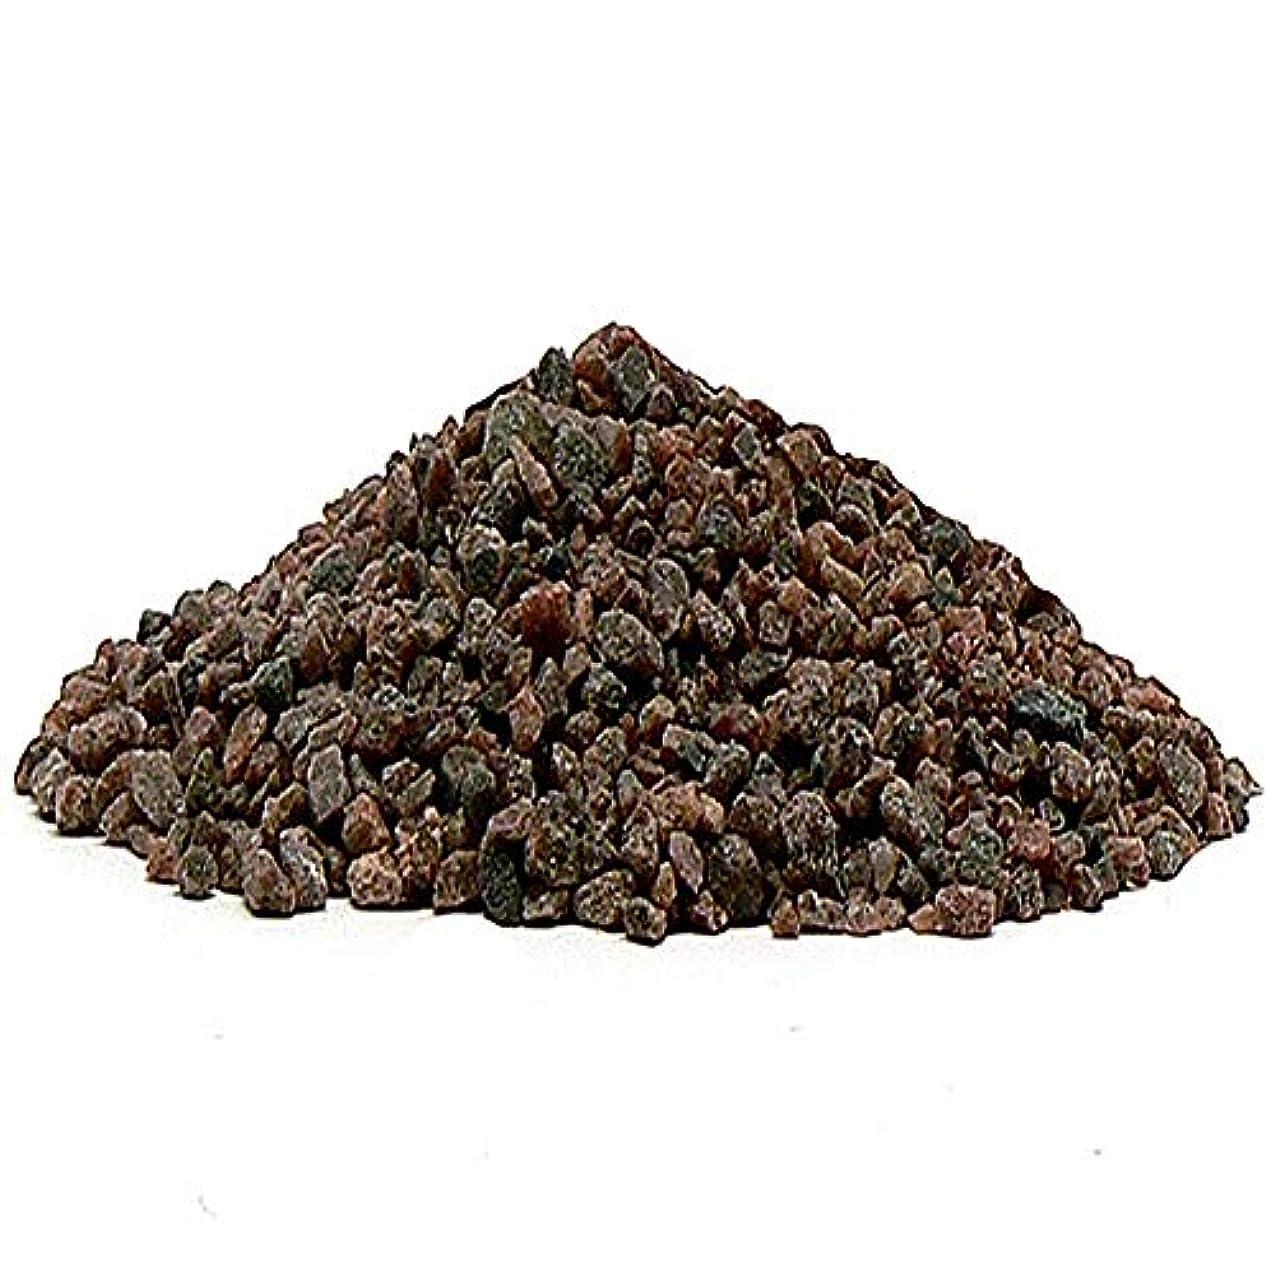 縮約商品ギャロップ増量中! ヒマラヤ岩塩 ブラックソルト 入浴用 バスソルト(小粒) 黒岩塩 (2kg+300g増量)